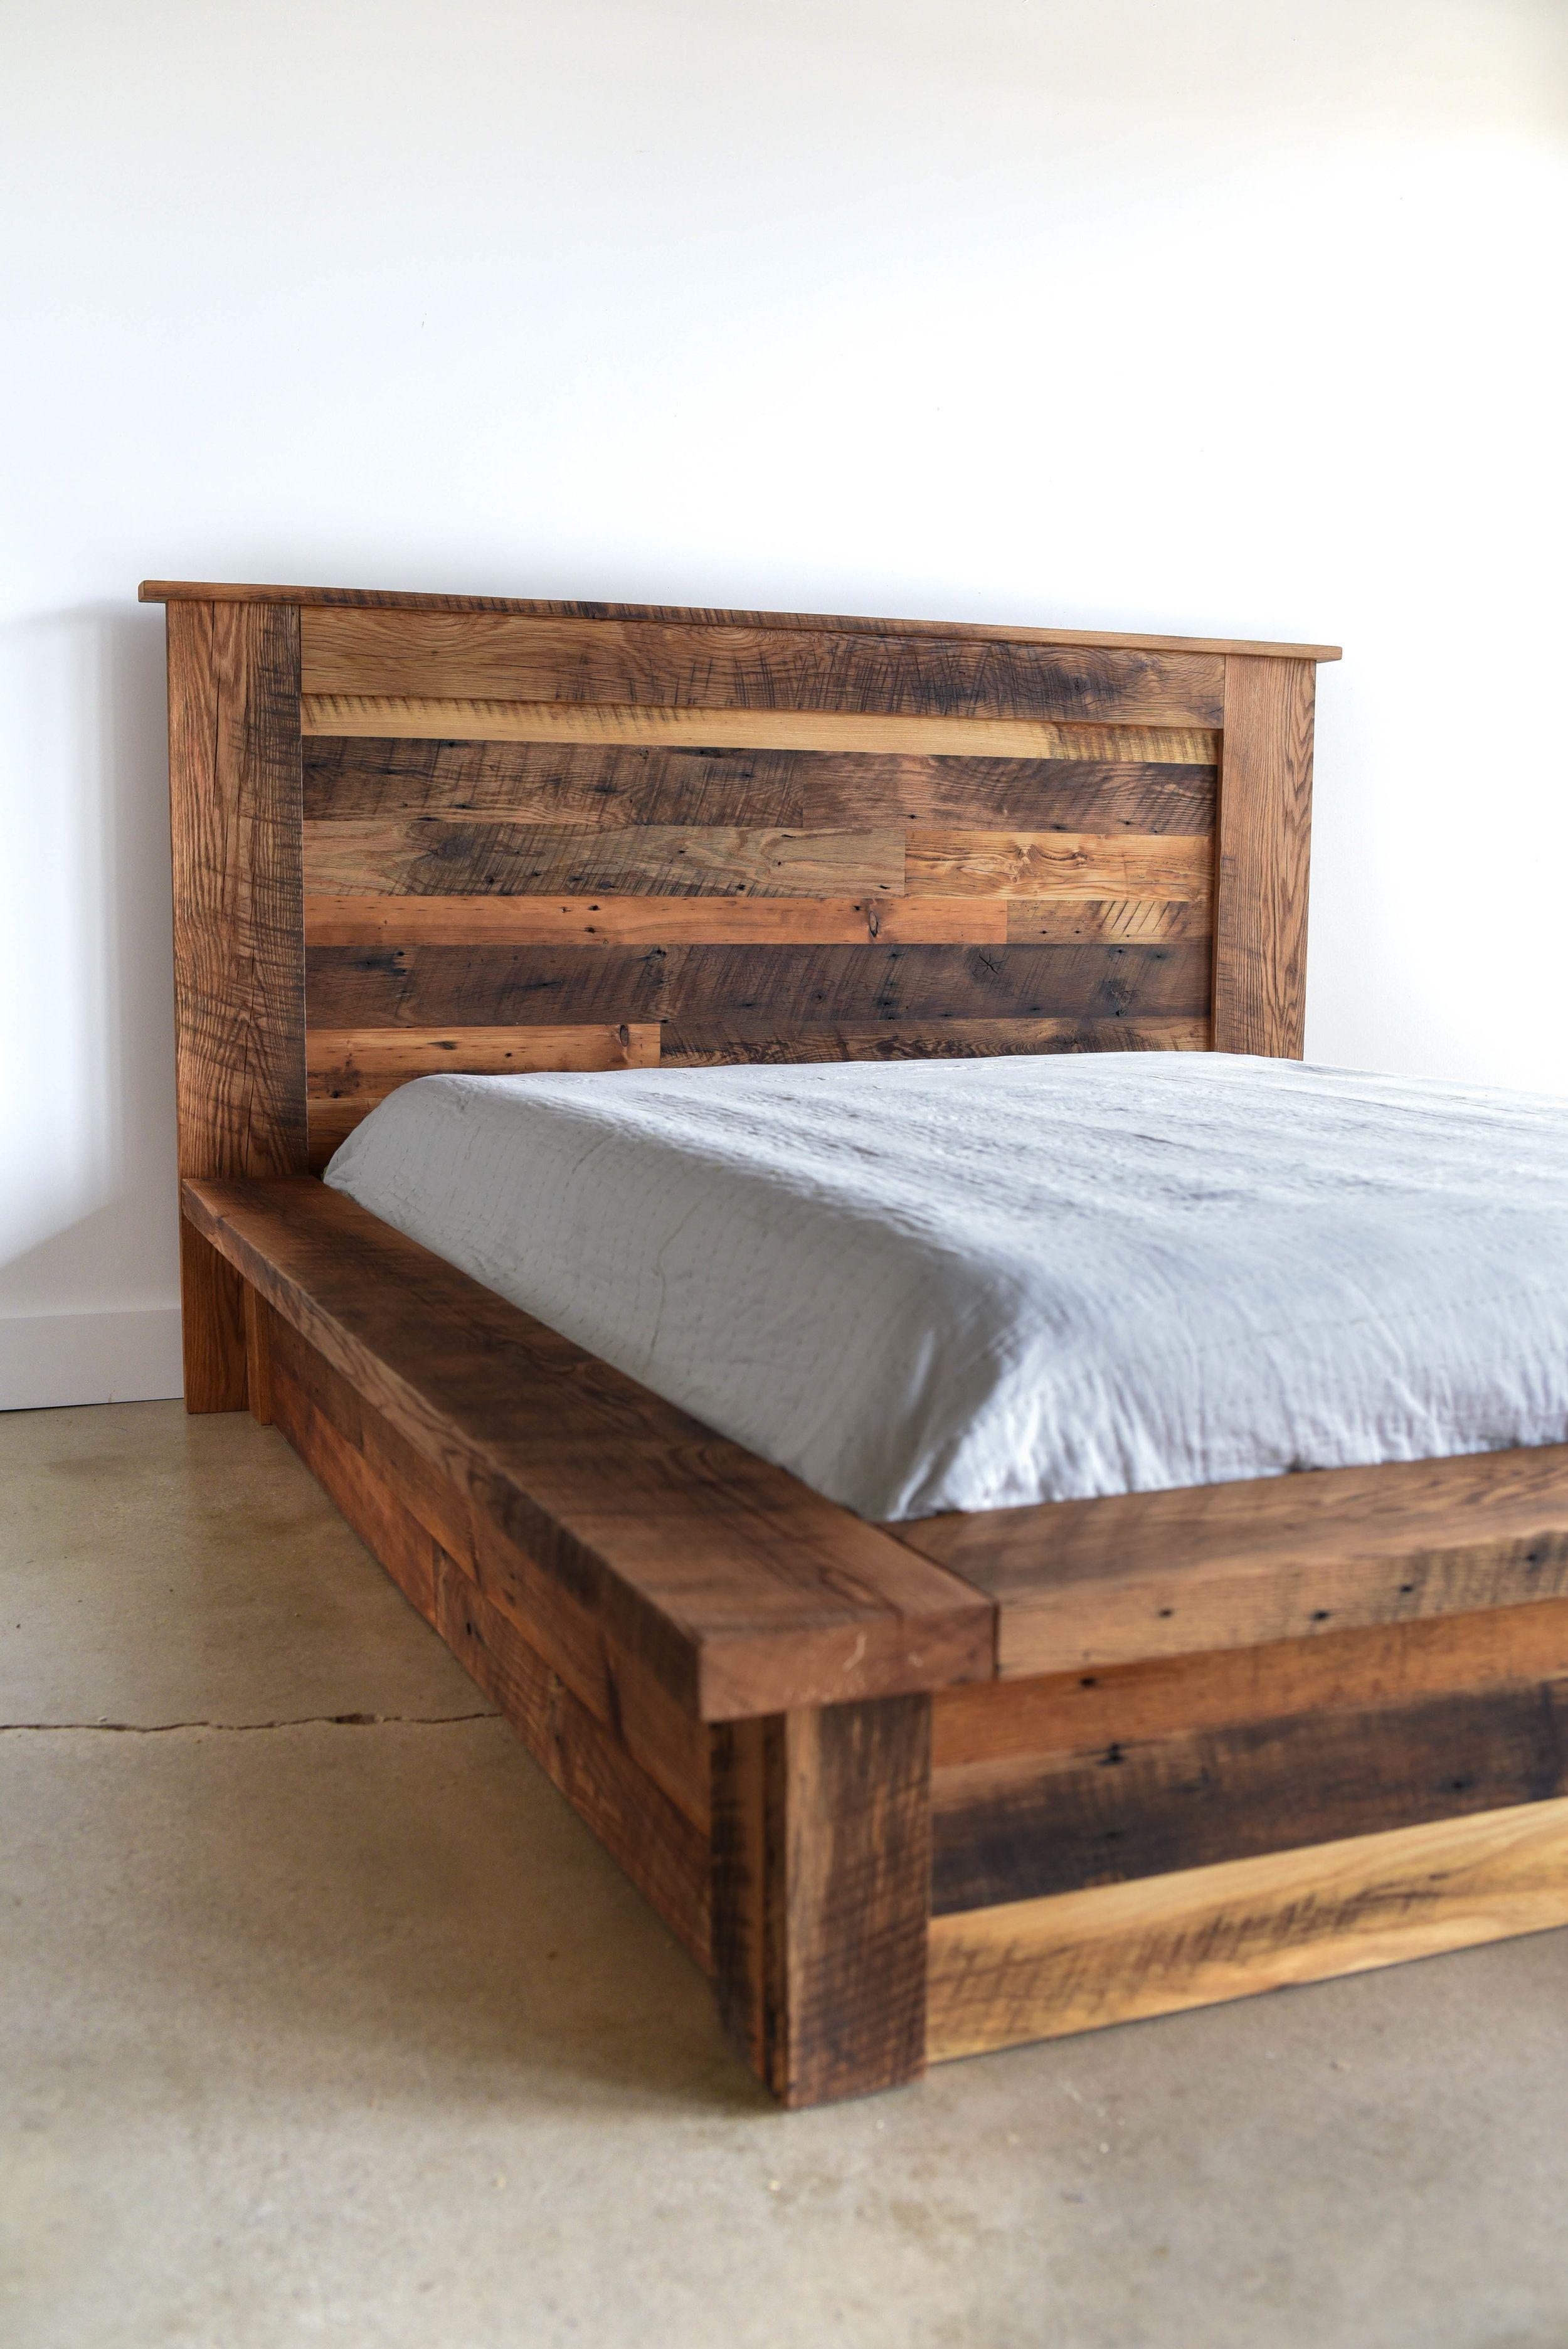 Reclaimed Wood Platform Bed - WHAT WE MAKE  Wood platform bed